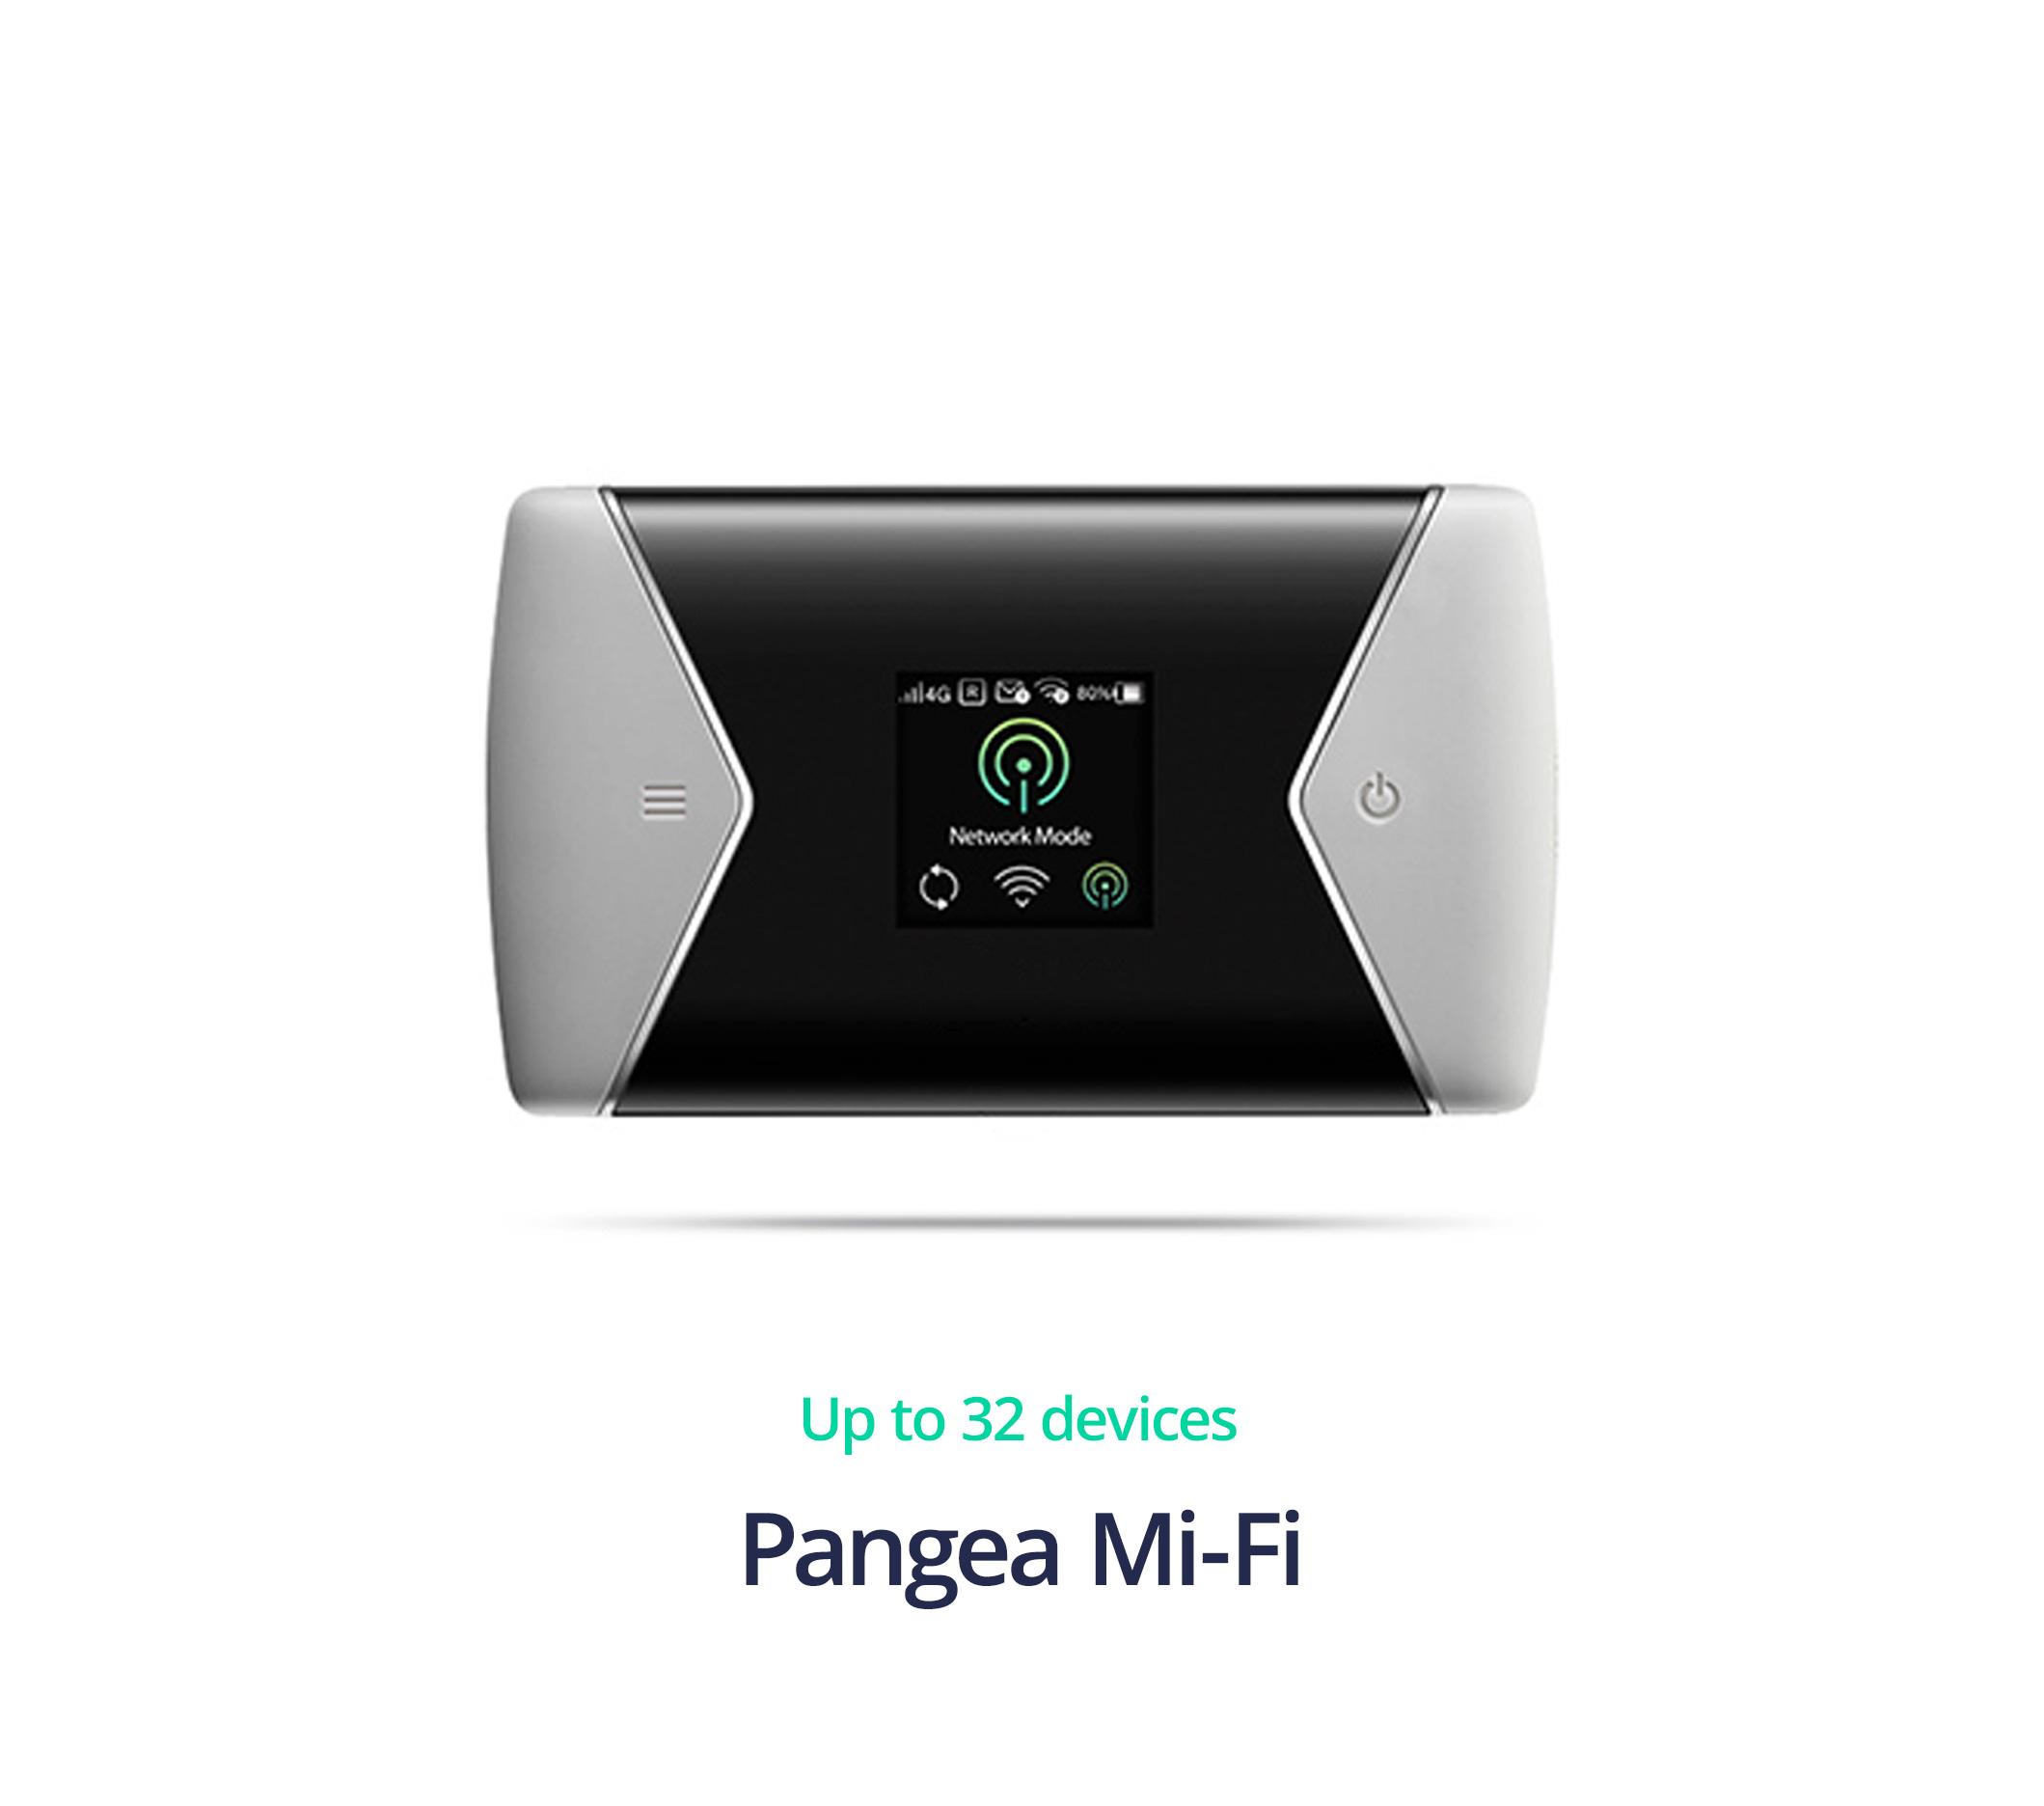 Pangea 4G Enhanced Enterprise router - Pangea Mi-Fi link